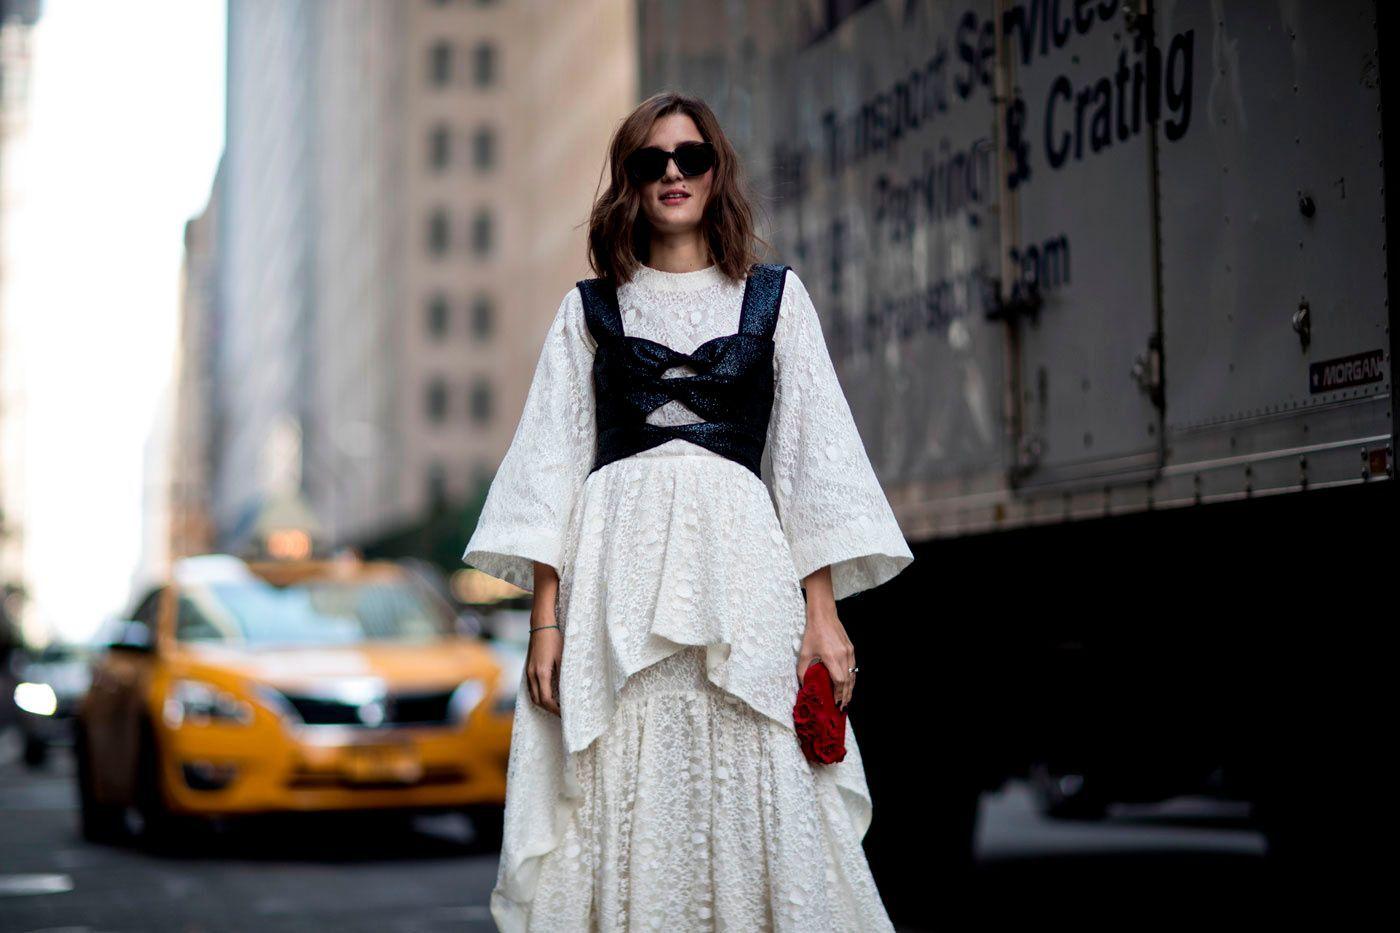 New_York_street_RS17_2048